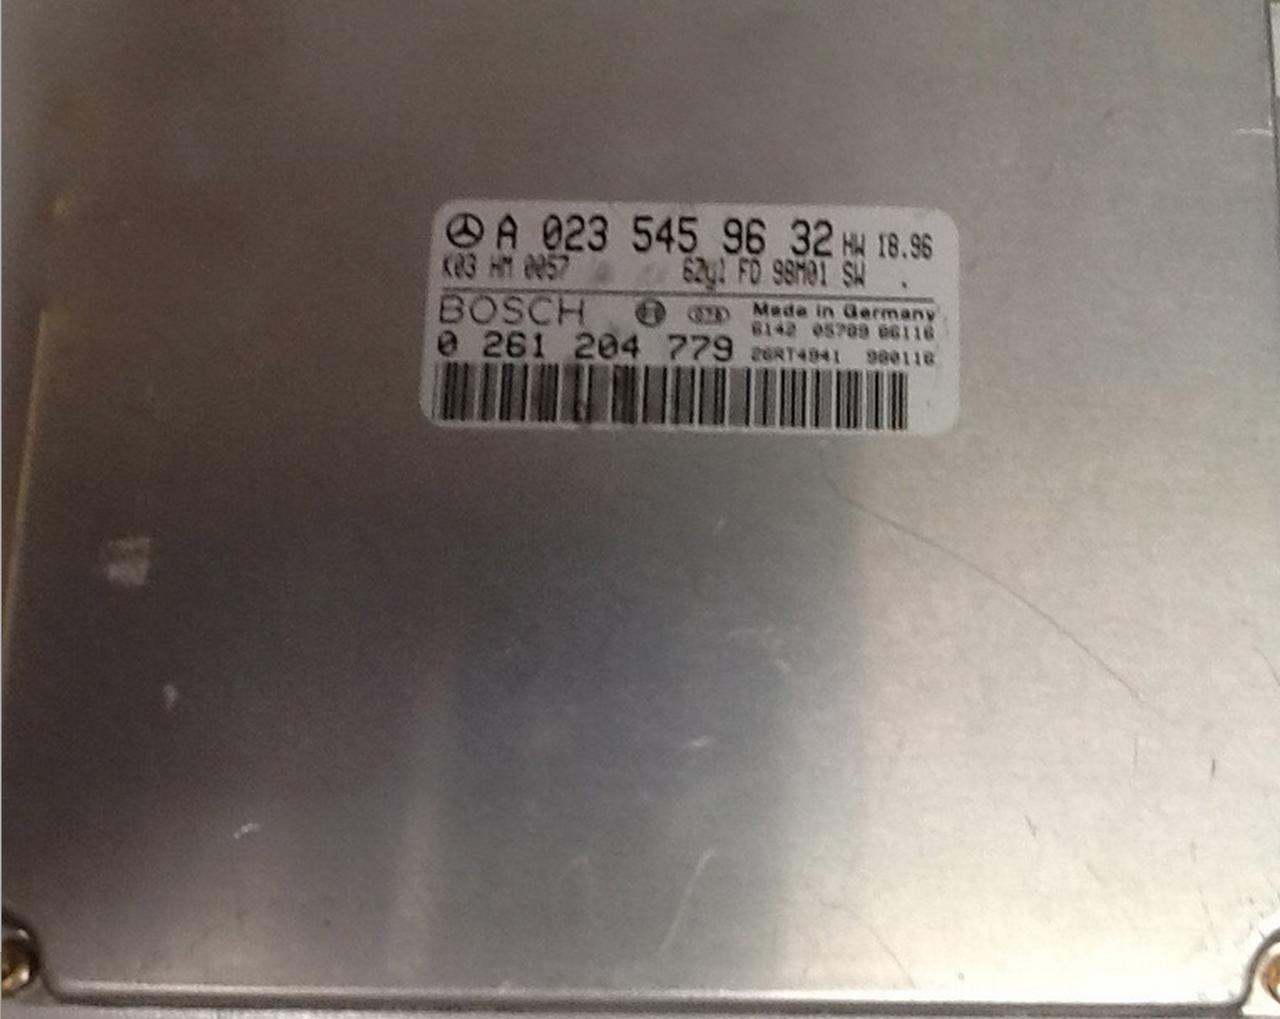 Mercedes C240 2.4L V6, 0261204779, 0 261 204 779, A0235459632, A 023 545 93 32